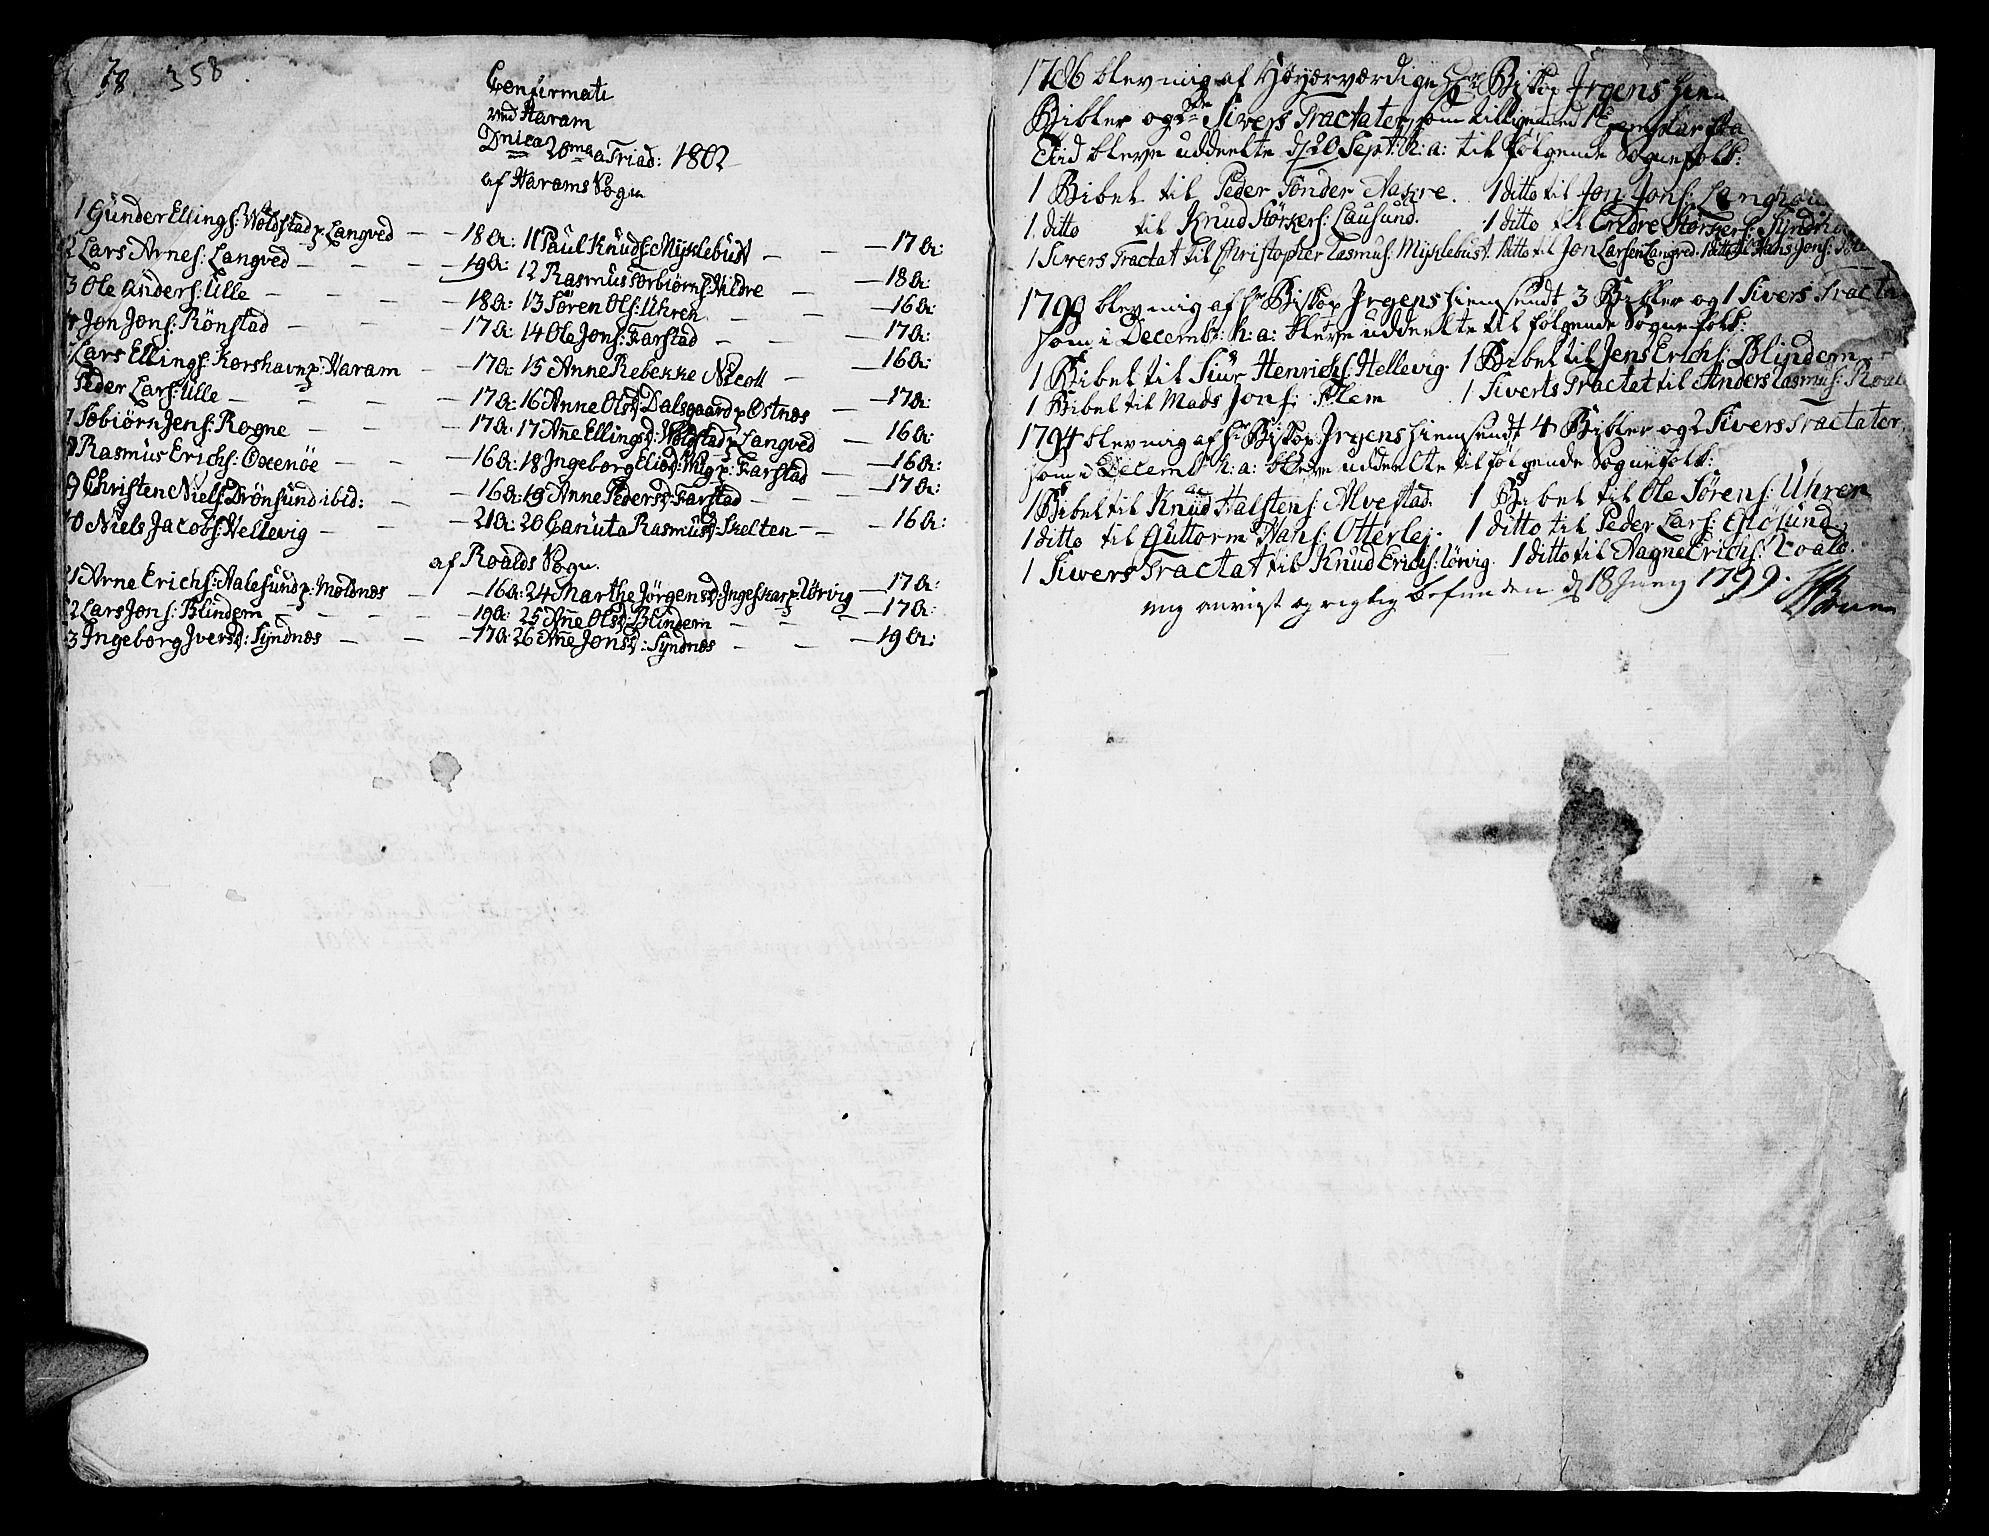 SAT, Ministerialprotokoller, klokkerbøker og fødselsregistre - Møre og Romsdal, 536/L0493: Ministerialbok nr. 536A02, 1739-1802, s. 358-359